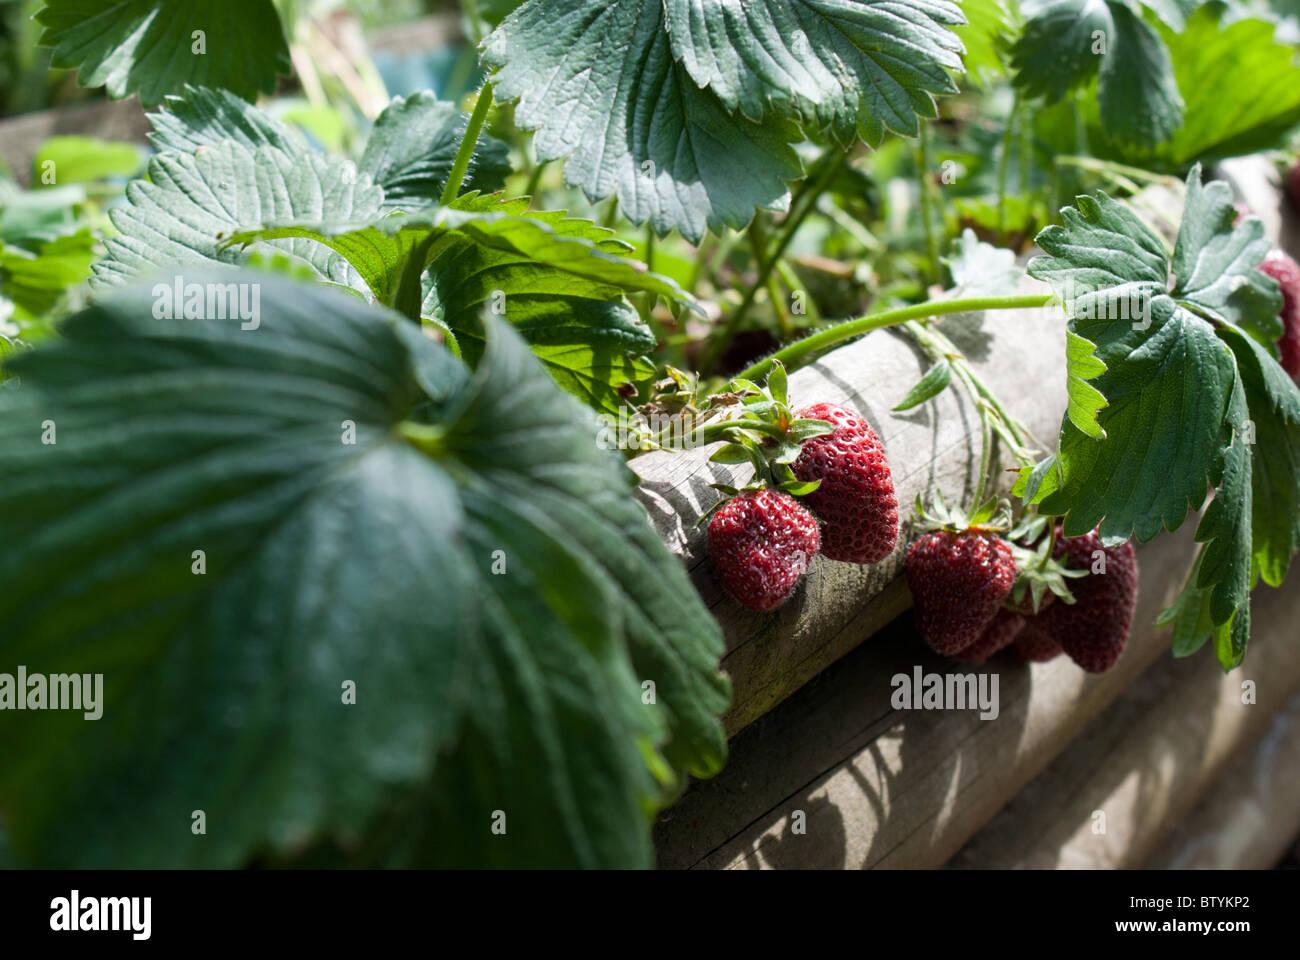 Erdbeeren Wachsen In Einem Hochbeet Stockfoto Bild 32570330 Alamy